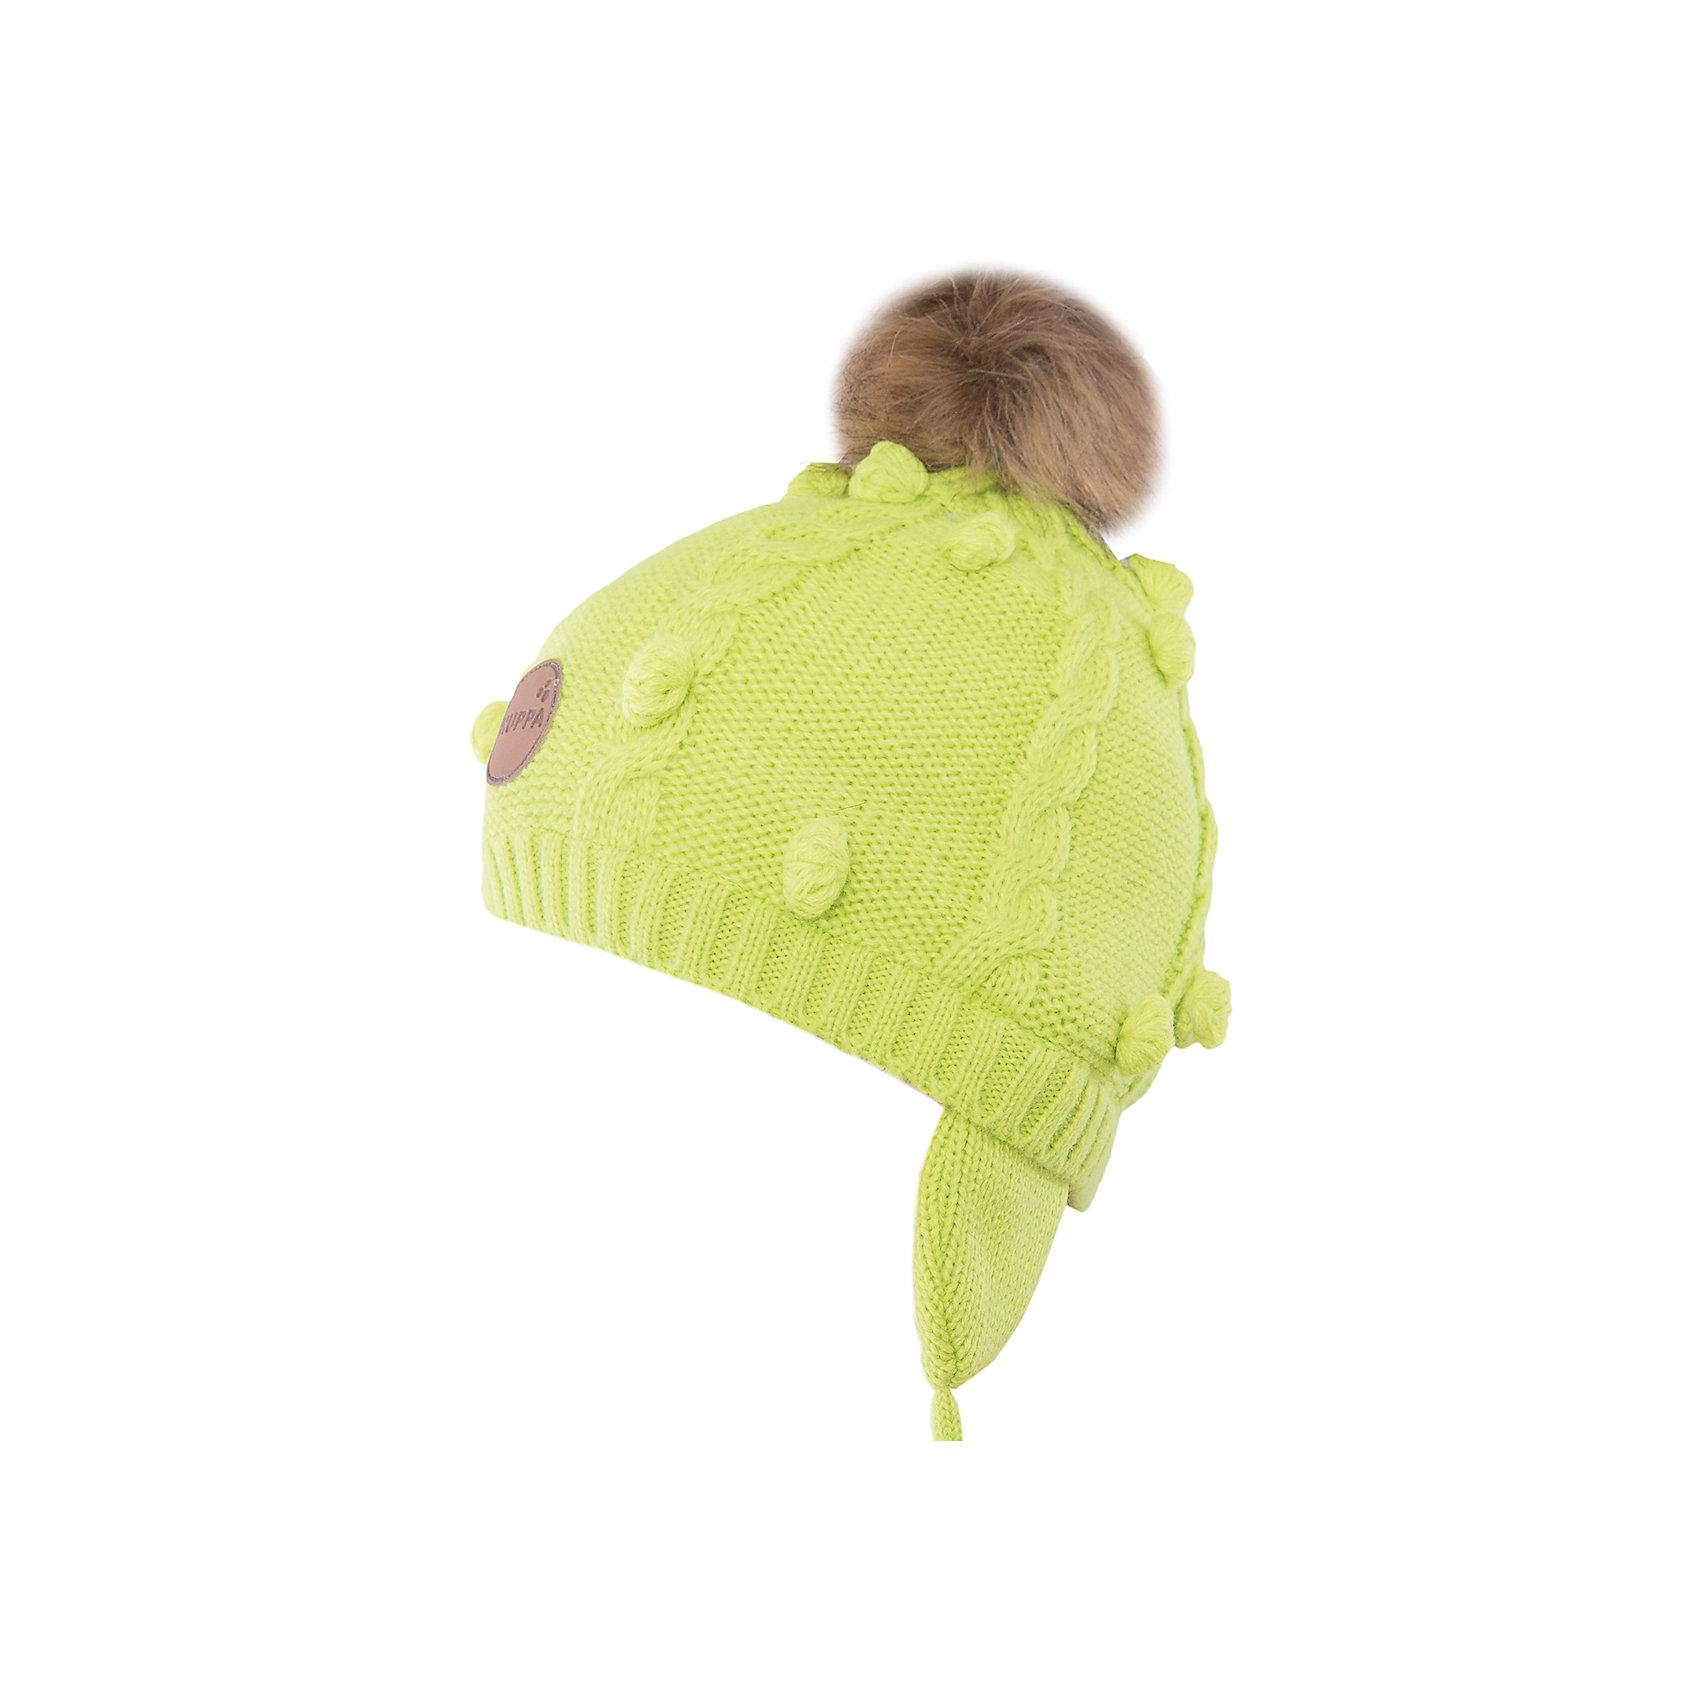 Шапка Macy HuppaЗимние<br>Модная вязаная шапка MACY Huppa(Хуппа) изготовлена из акрила. Она отлично защищает голову и уши ребенка от холода, благодаря удобной форме, завязкам и клапанам. Шапка украшена меховым помпоном, который обязательно понравится маленькой моднице.<br><br>Дополнительная информация: <br>Материал: 100% акрил<br>Подкладка: 100% хлопок<br>Цвет: салатовый<br><br>Шапку MACY Huppa(Хуппа) можно приобрести в нашем интернет-магазине.<br><br>Ширина мм: 89<br>Глубина мм: 117<br>Высота мм: 44<br>Вес г: 155<br>Цвет: зеленый<br>Возраст от месяцев: 12<br>Возраст до месяцев: 24<br>Пол: Женский<br>Возраст: Детский<br>Размер: 47-49,55-57,51-53<br>SKU: 4923830